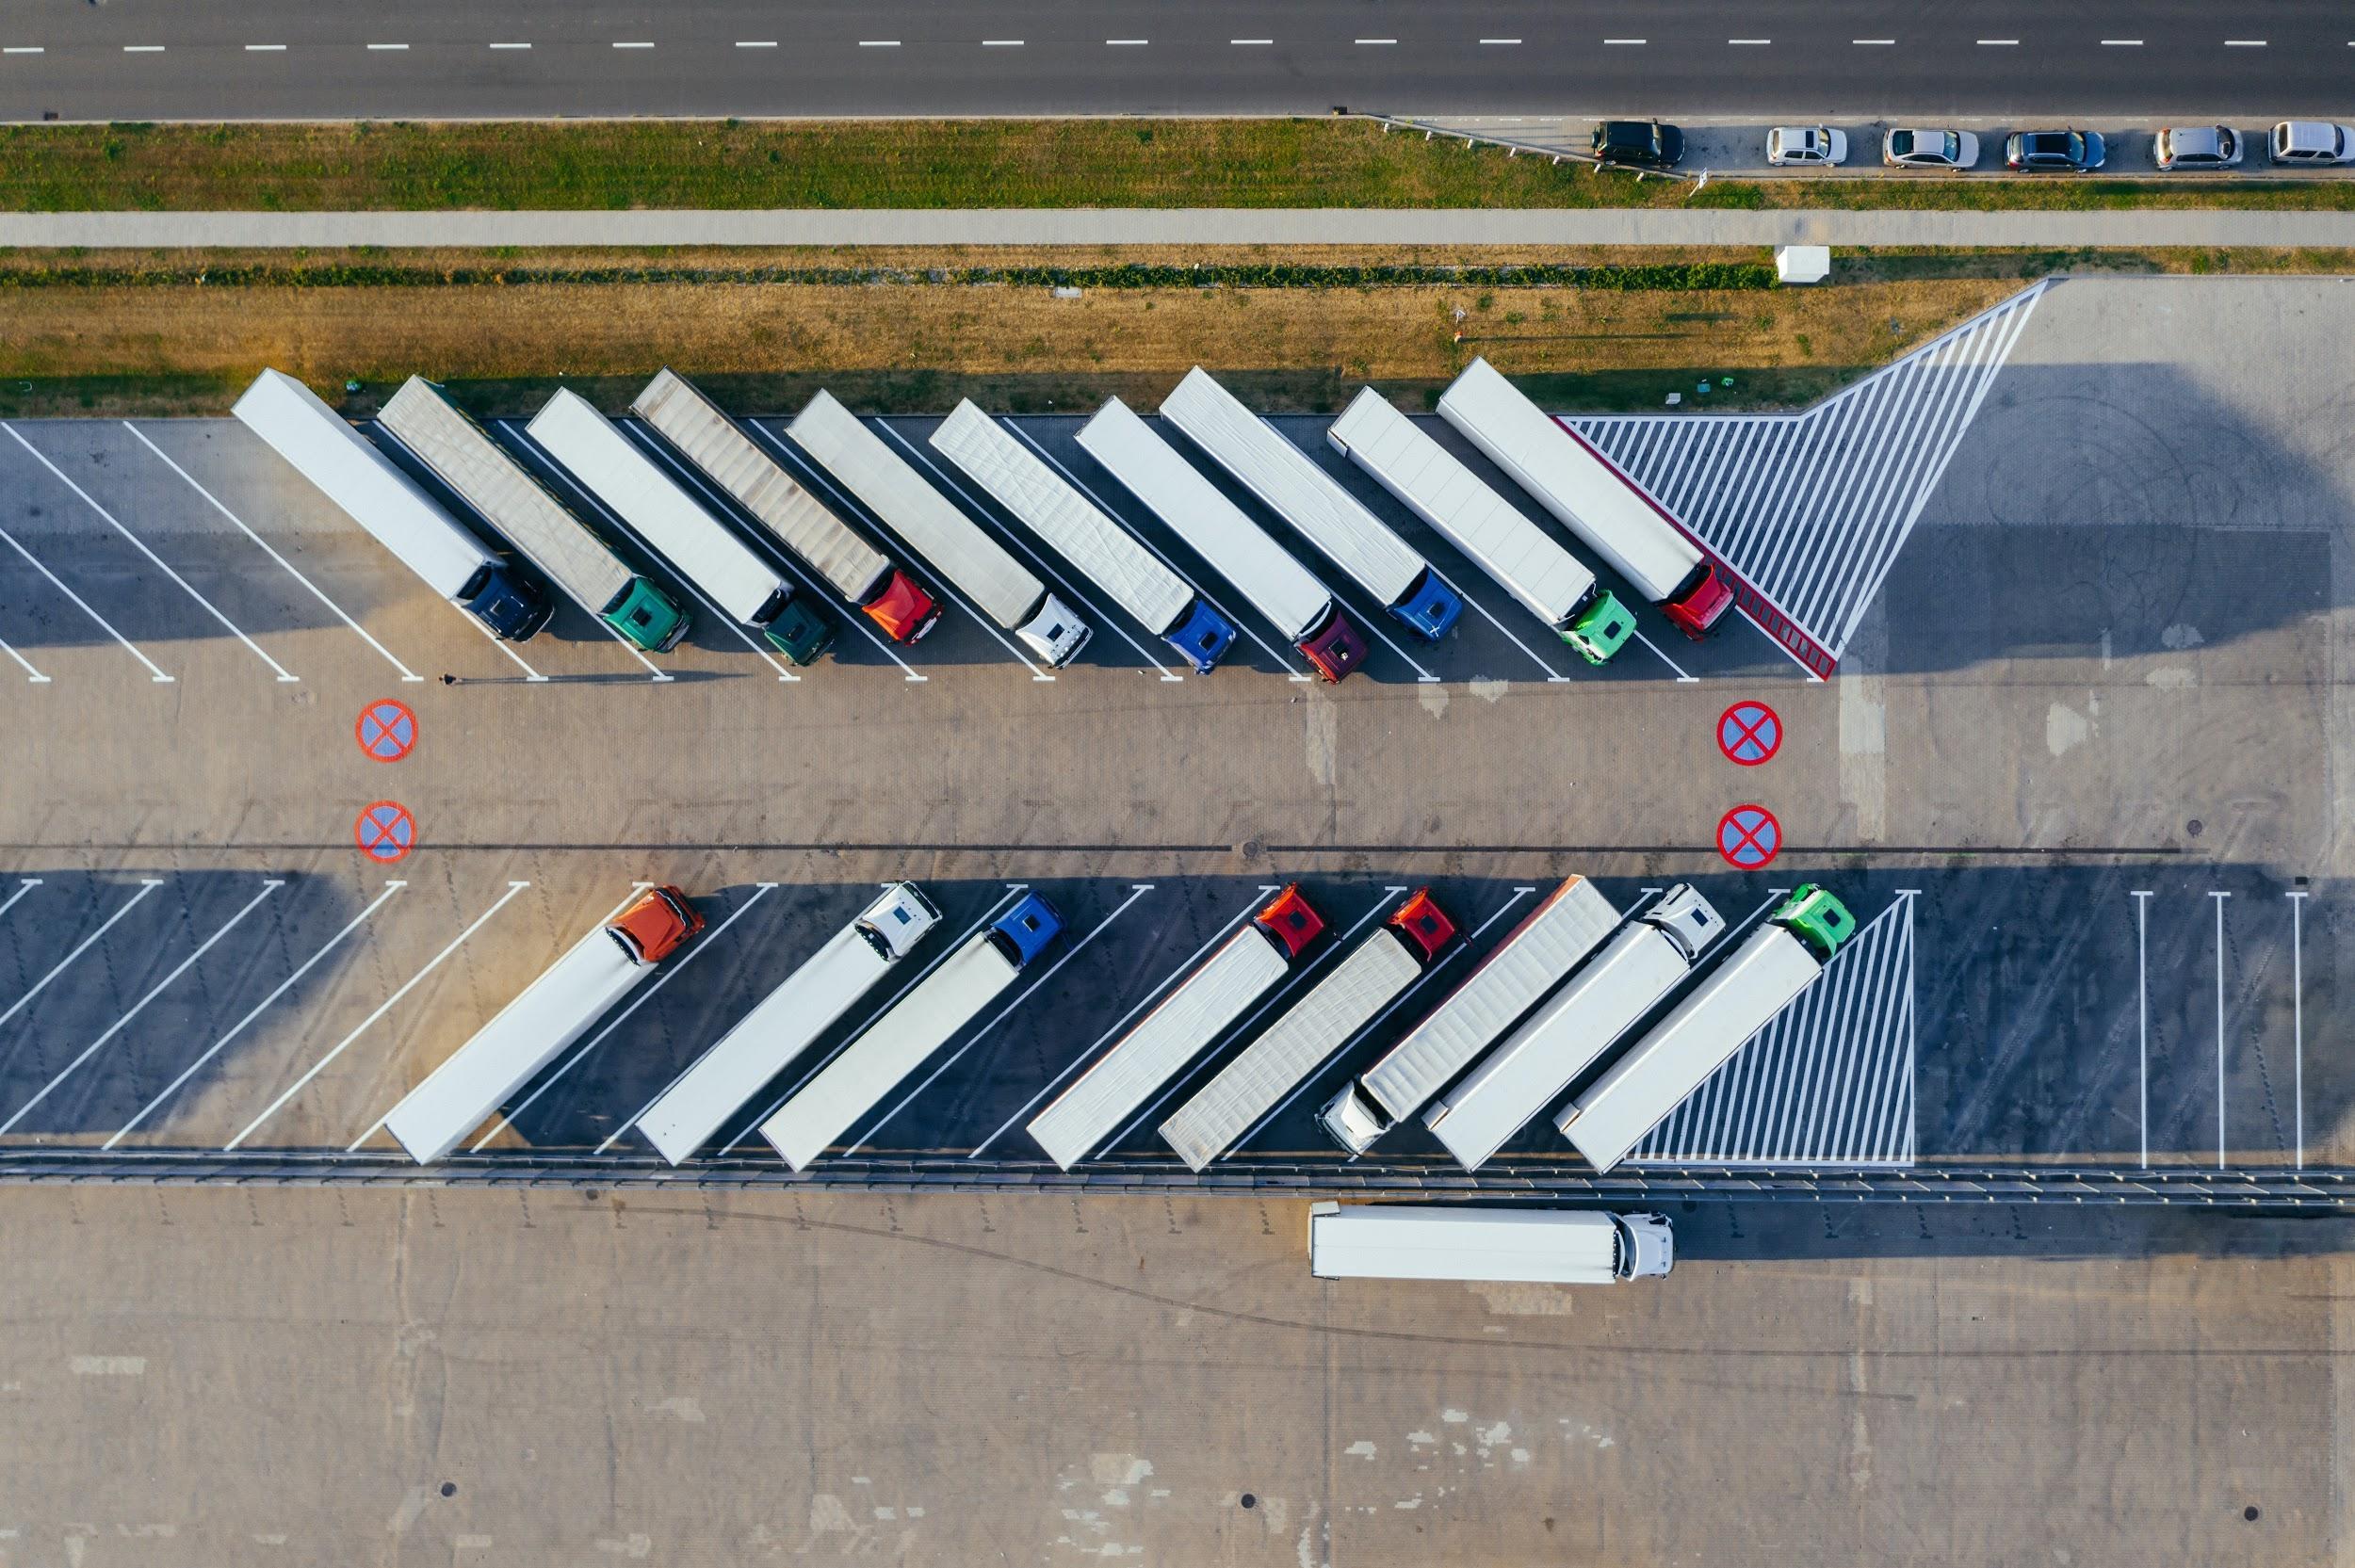 トラックターミナルとは?役割・機能・課題から解決策まで画像付きで解説